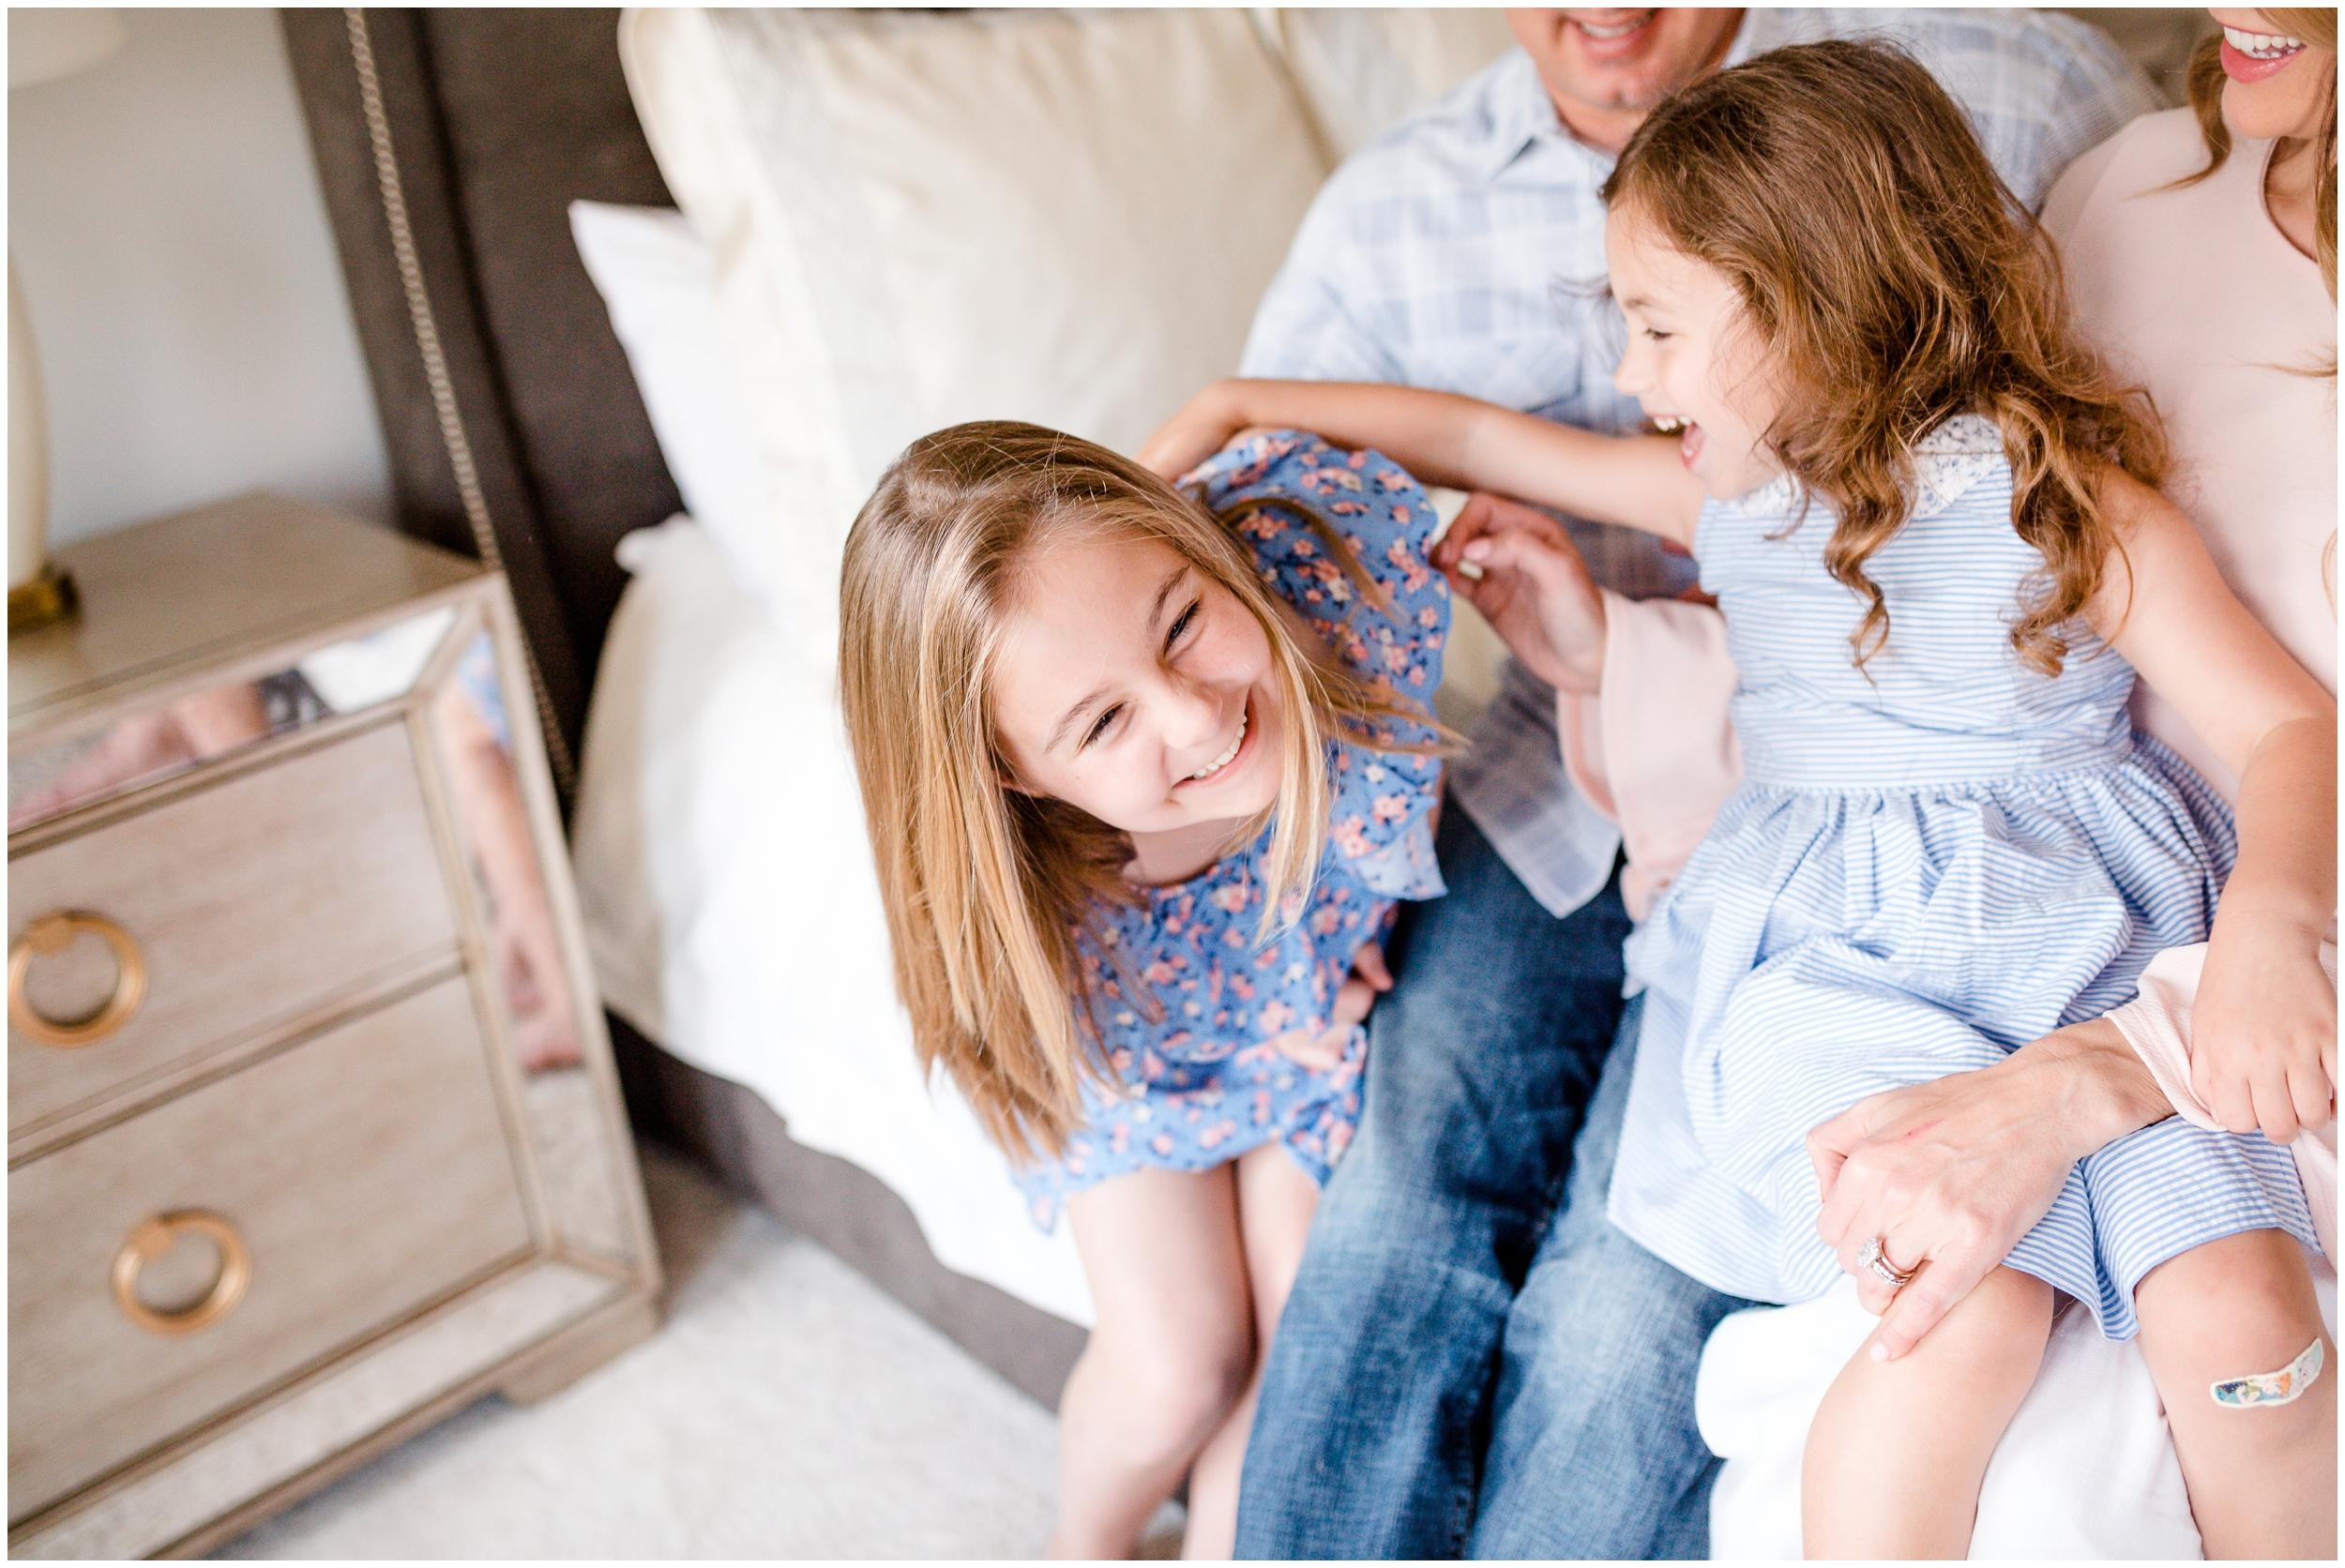 lexington-ky-family-lifestyle-photography-Priscilla-Baierlein-Photography_0249.jpg